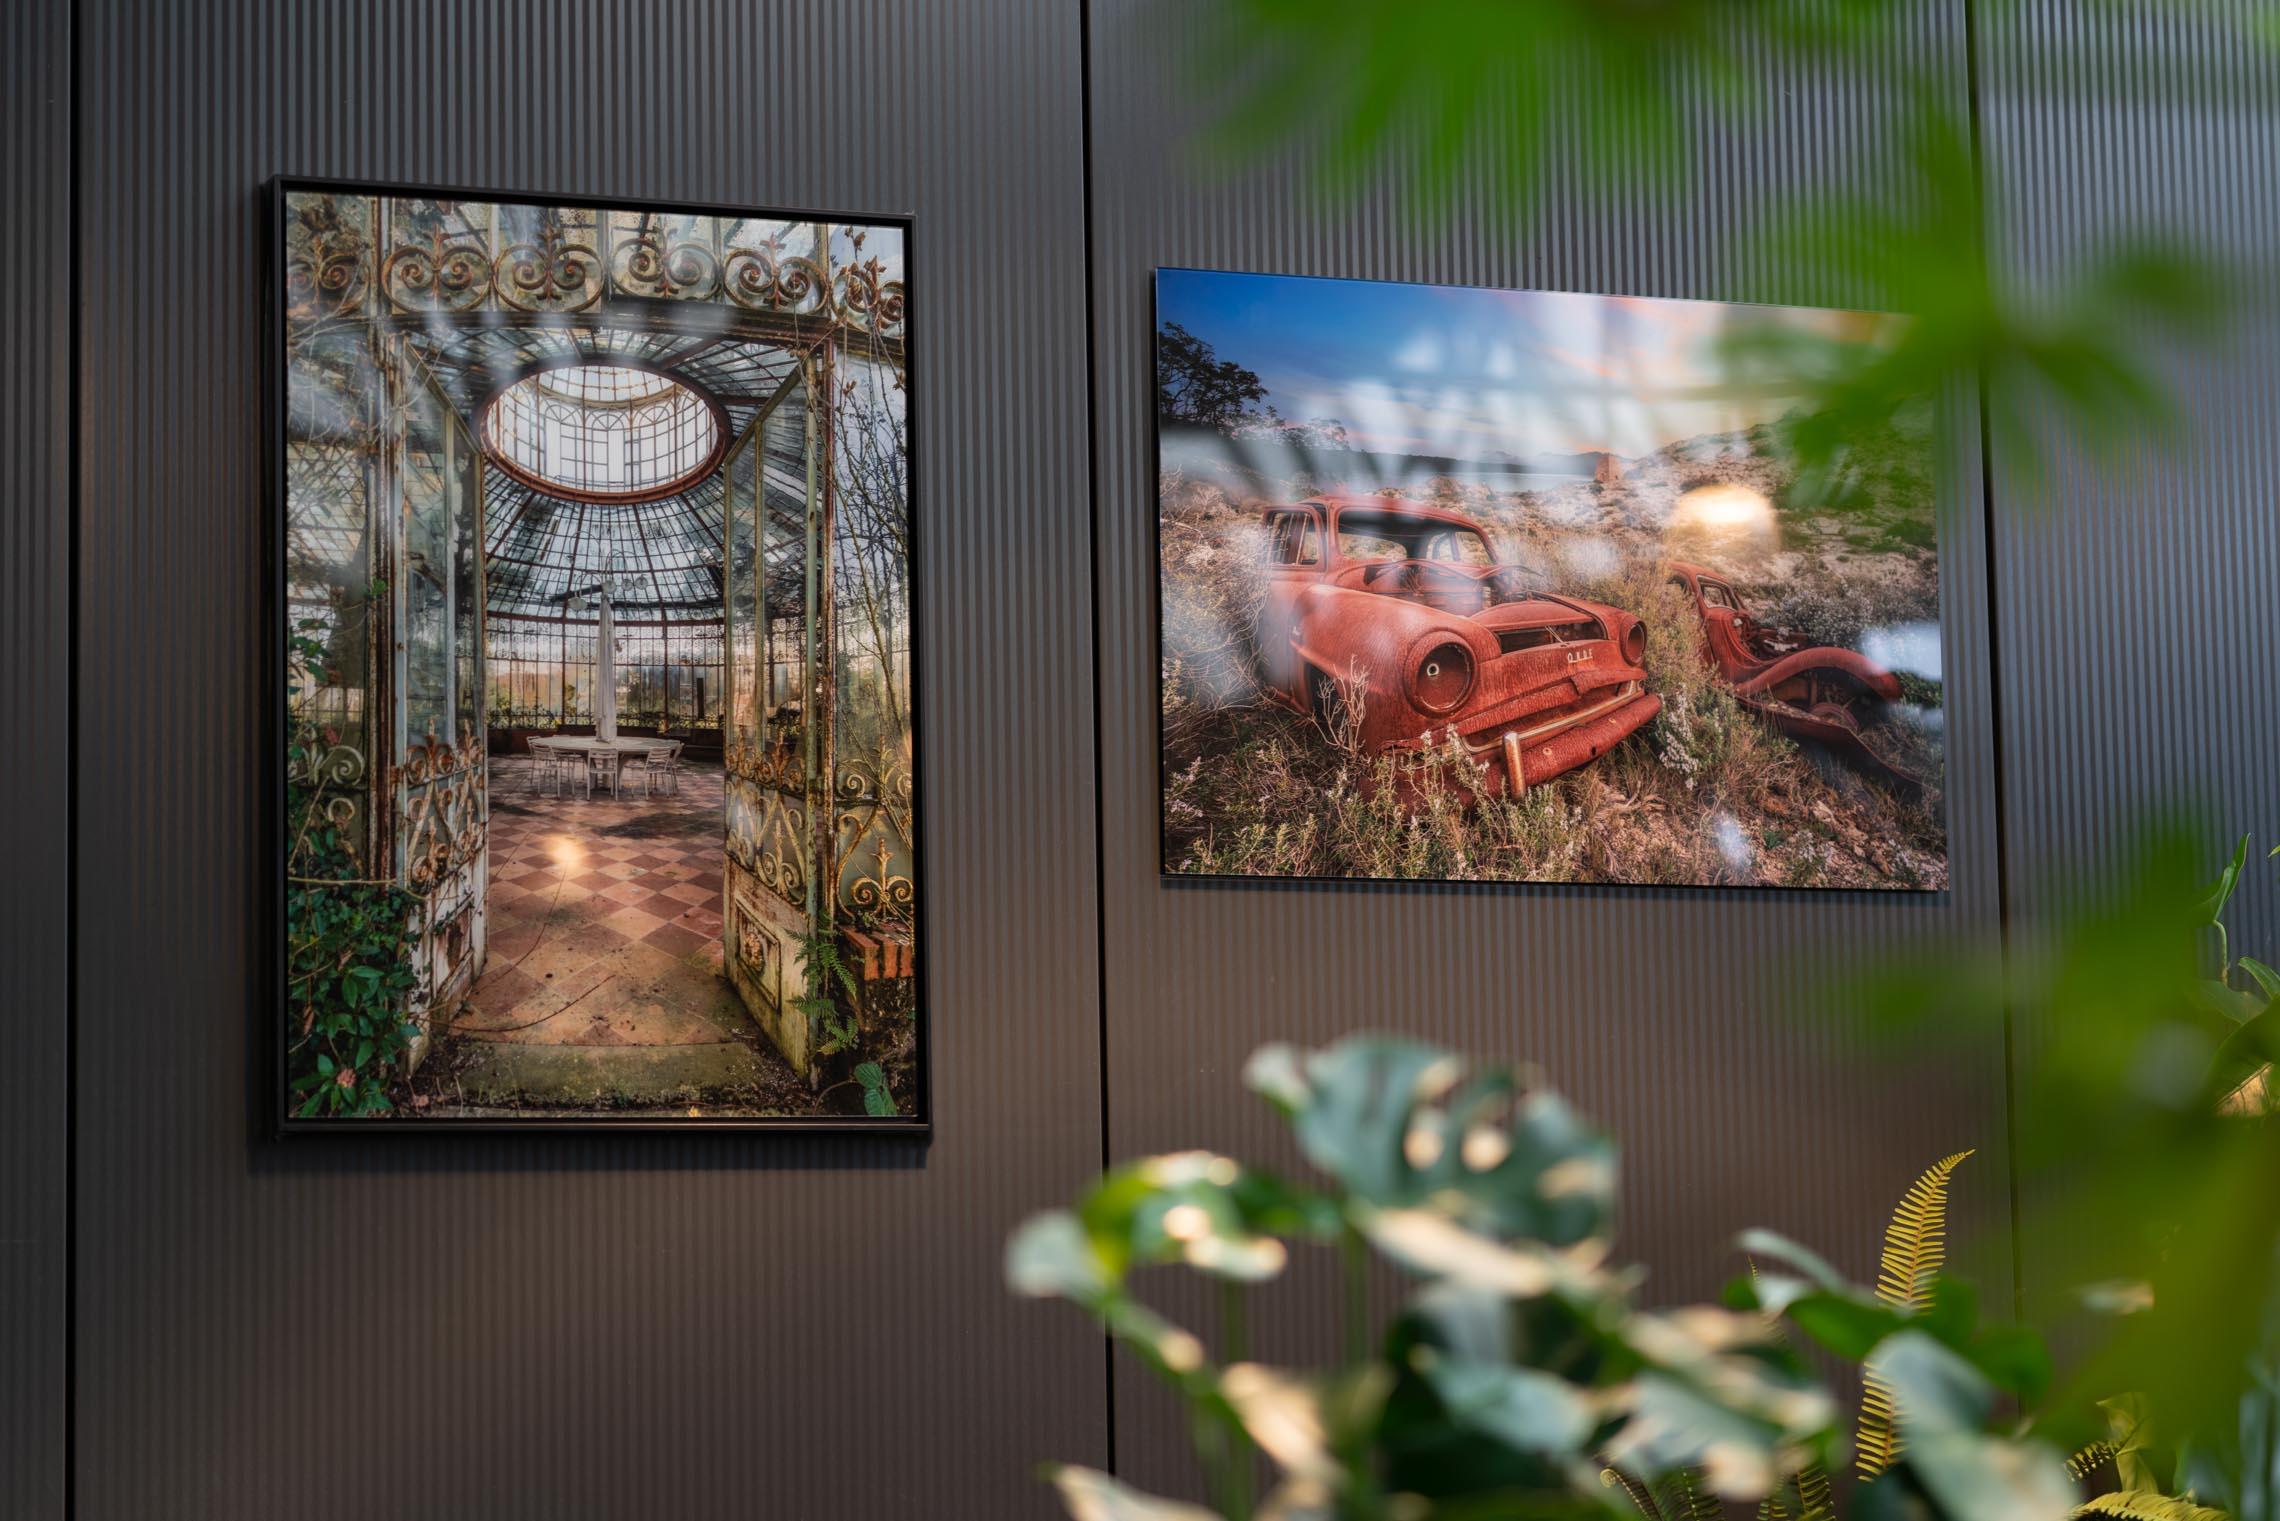 Postelmans bloemisten - Schilderij kopen, tilburg centrum, nederland di453